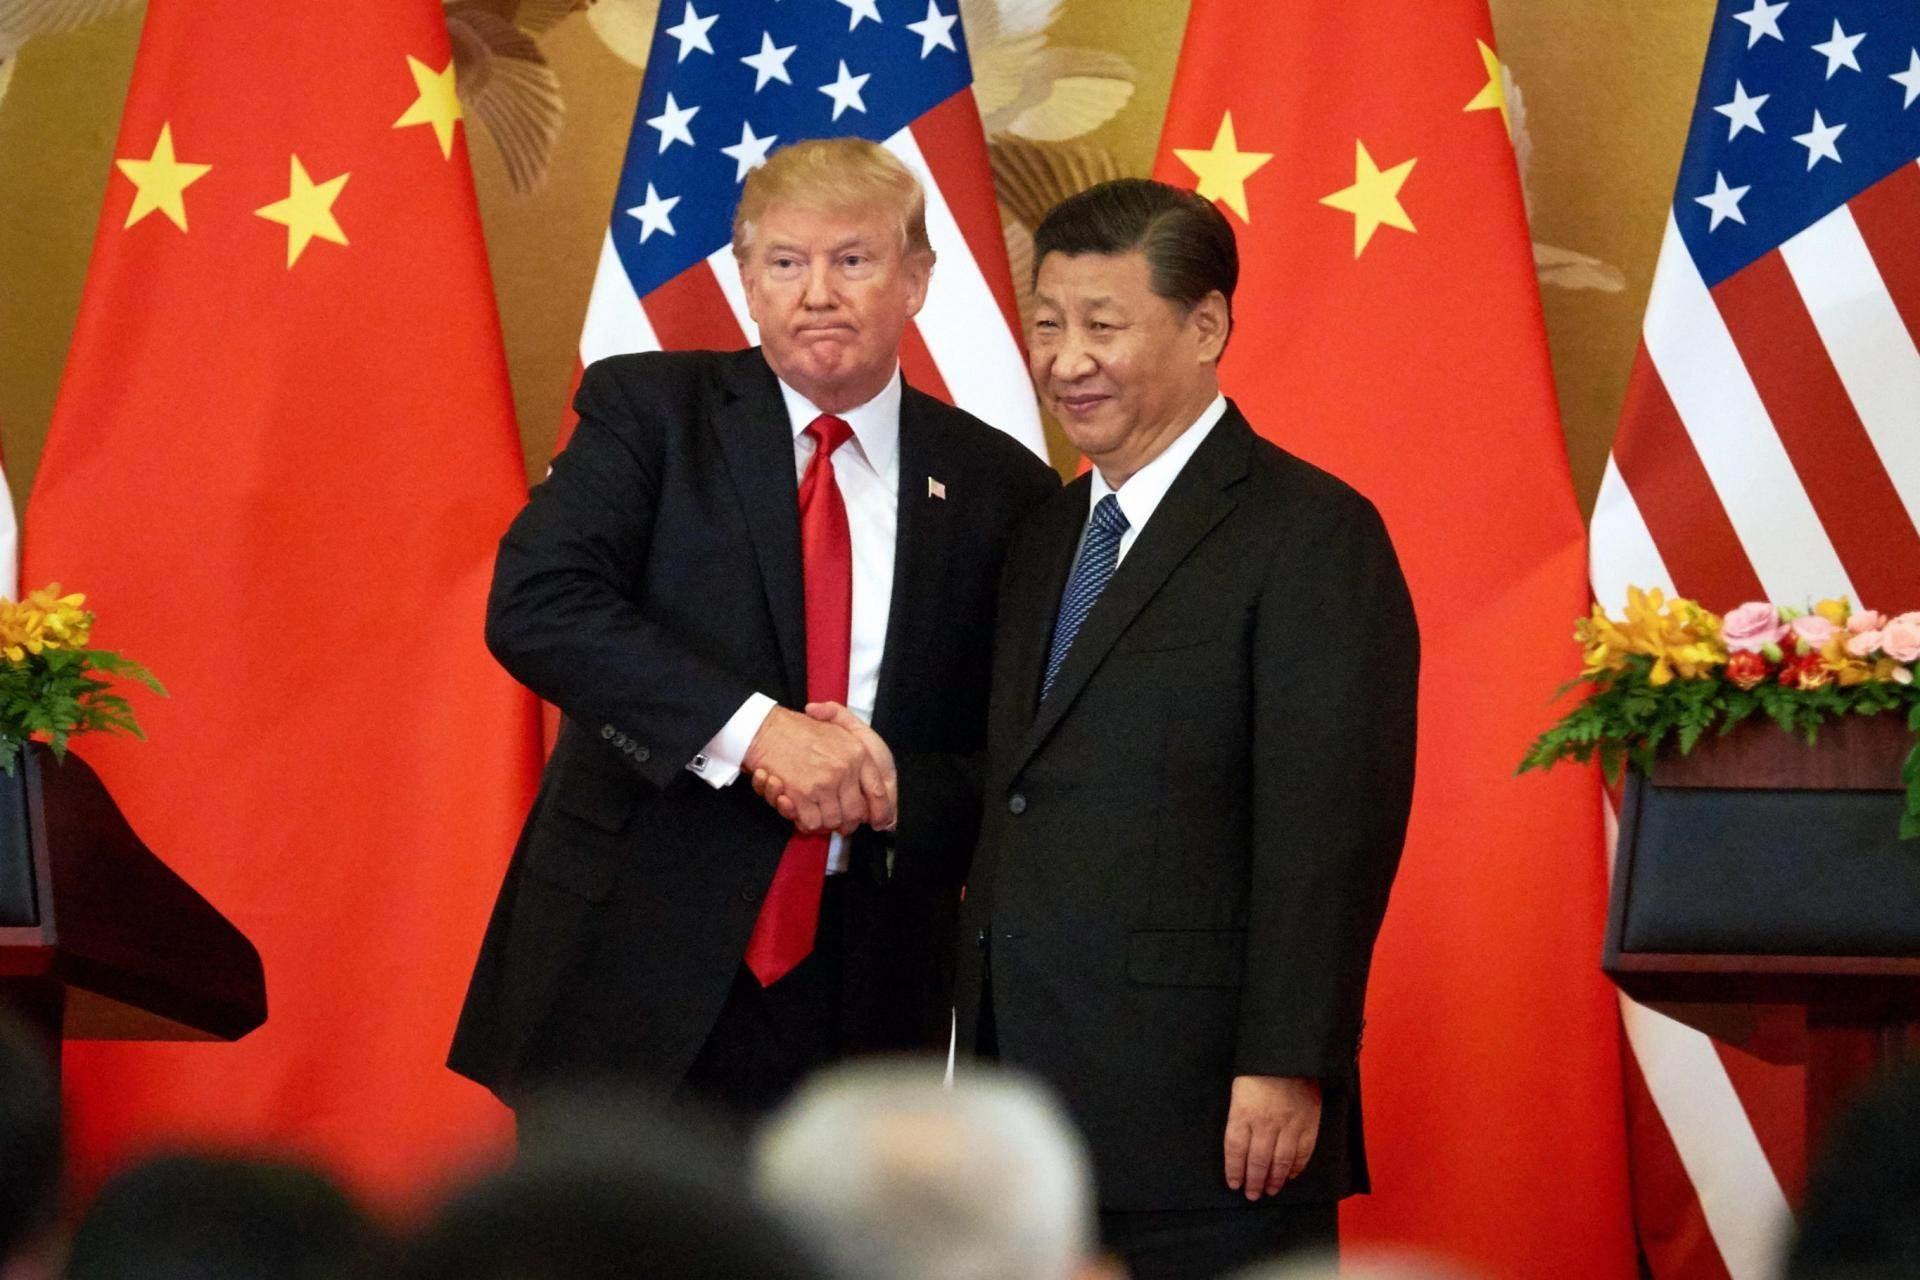 الرئيس الصيني شي جينبينغ ونظيره الأميركي دونالد ترامب (أرشيف)